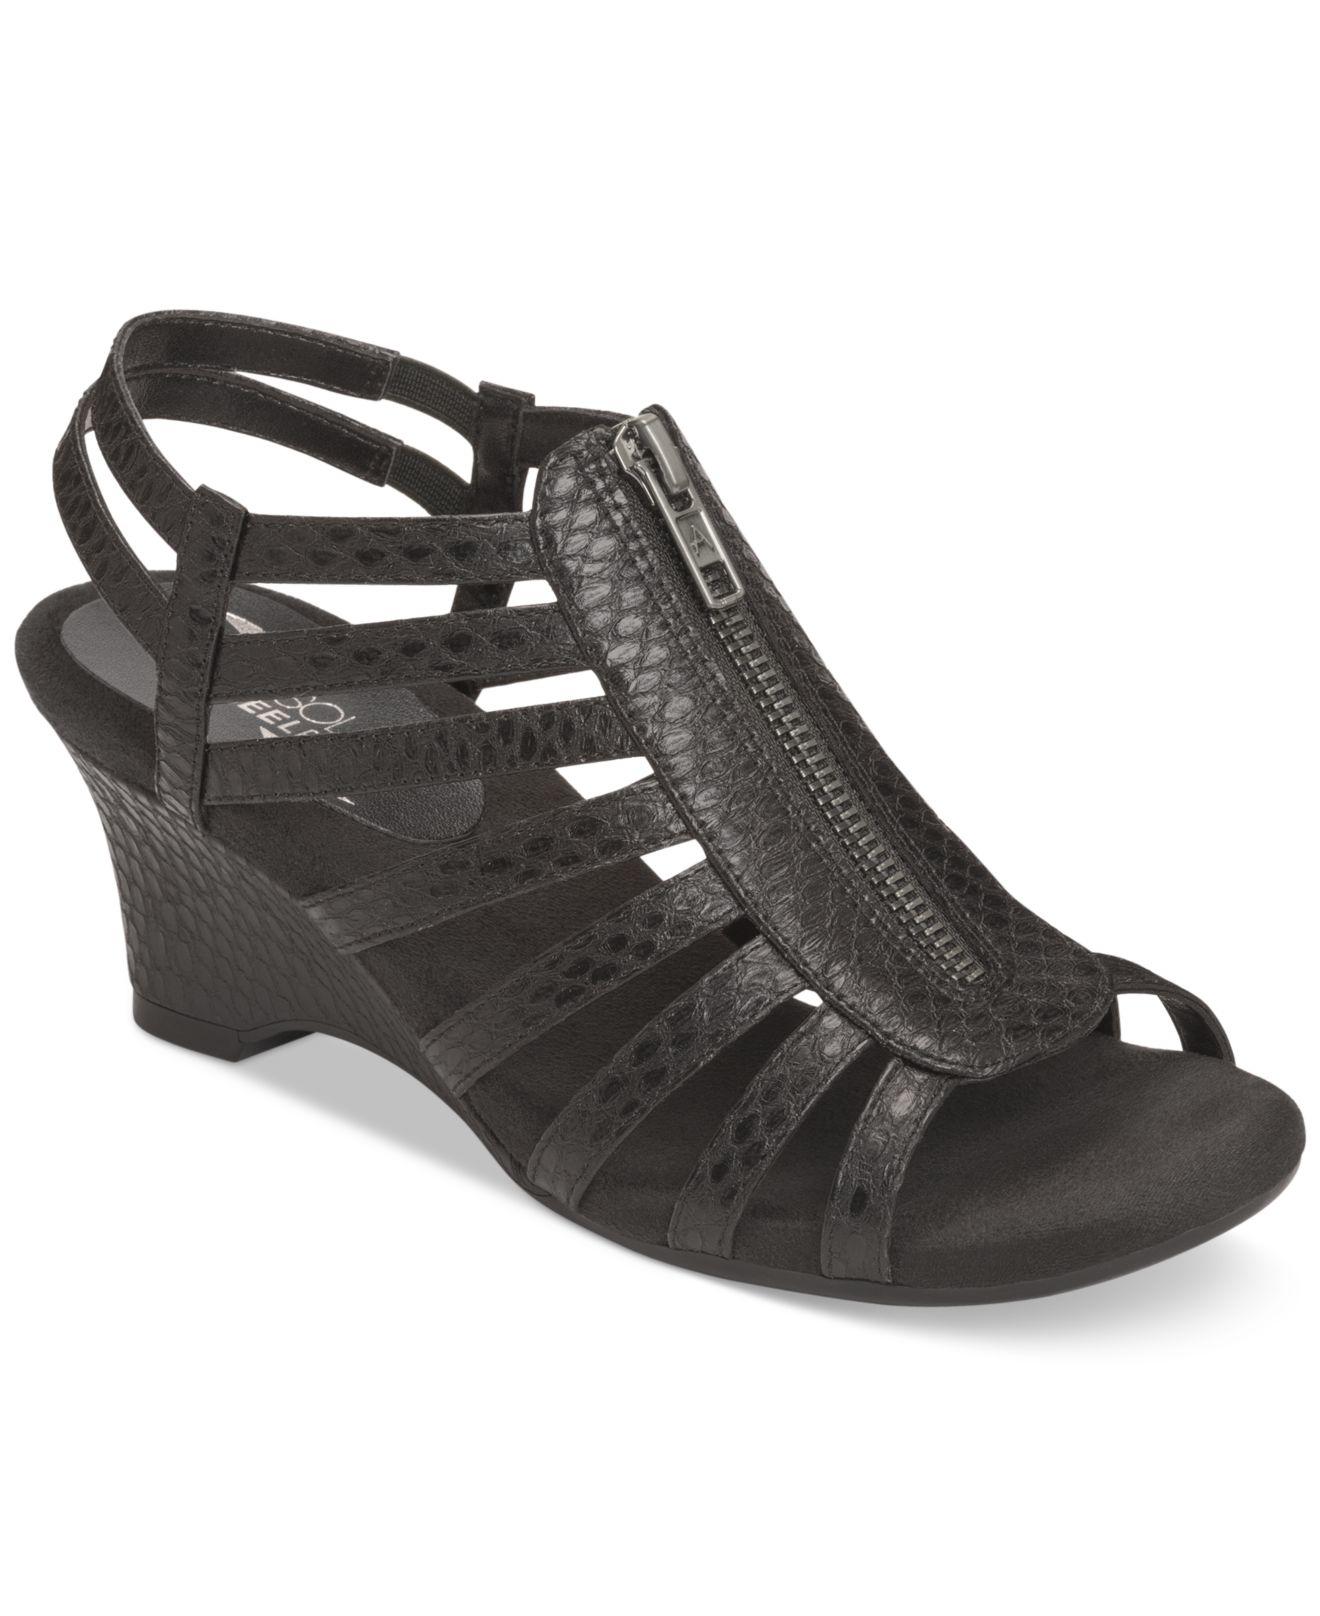 Lyst Aerosoles Half Dozen Wedge Sandals In Black